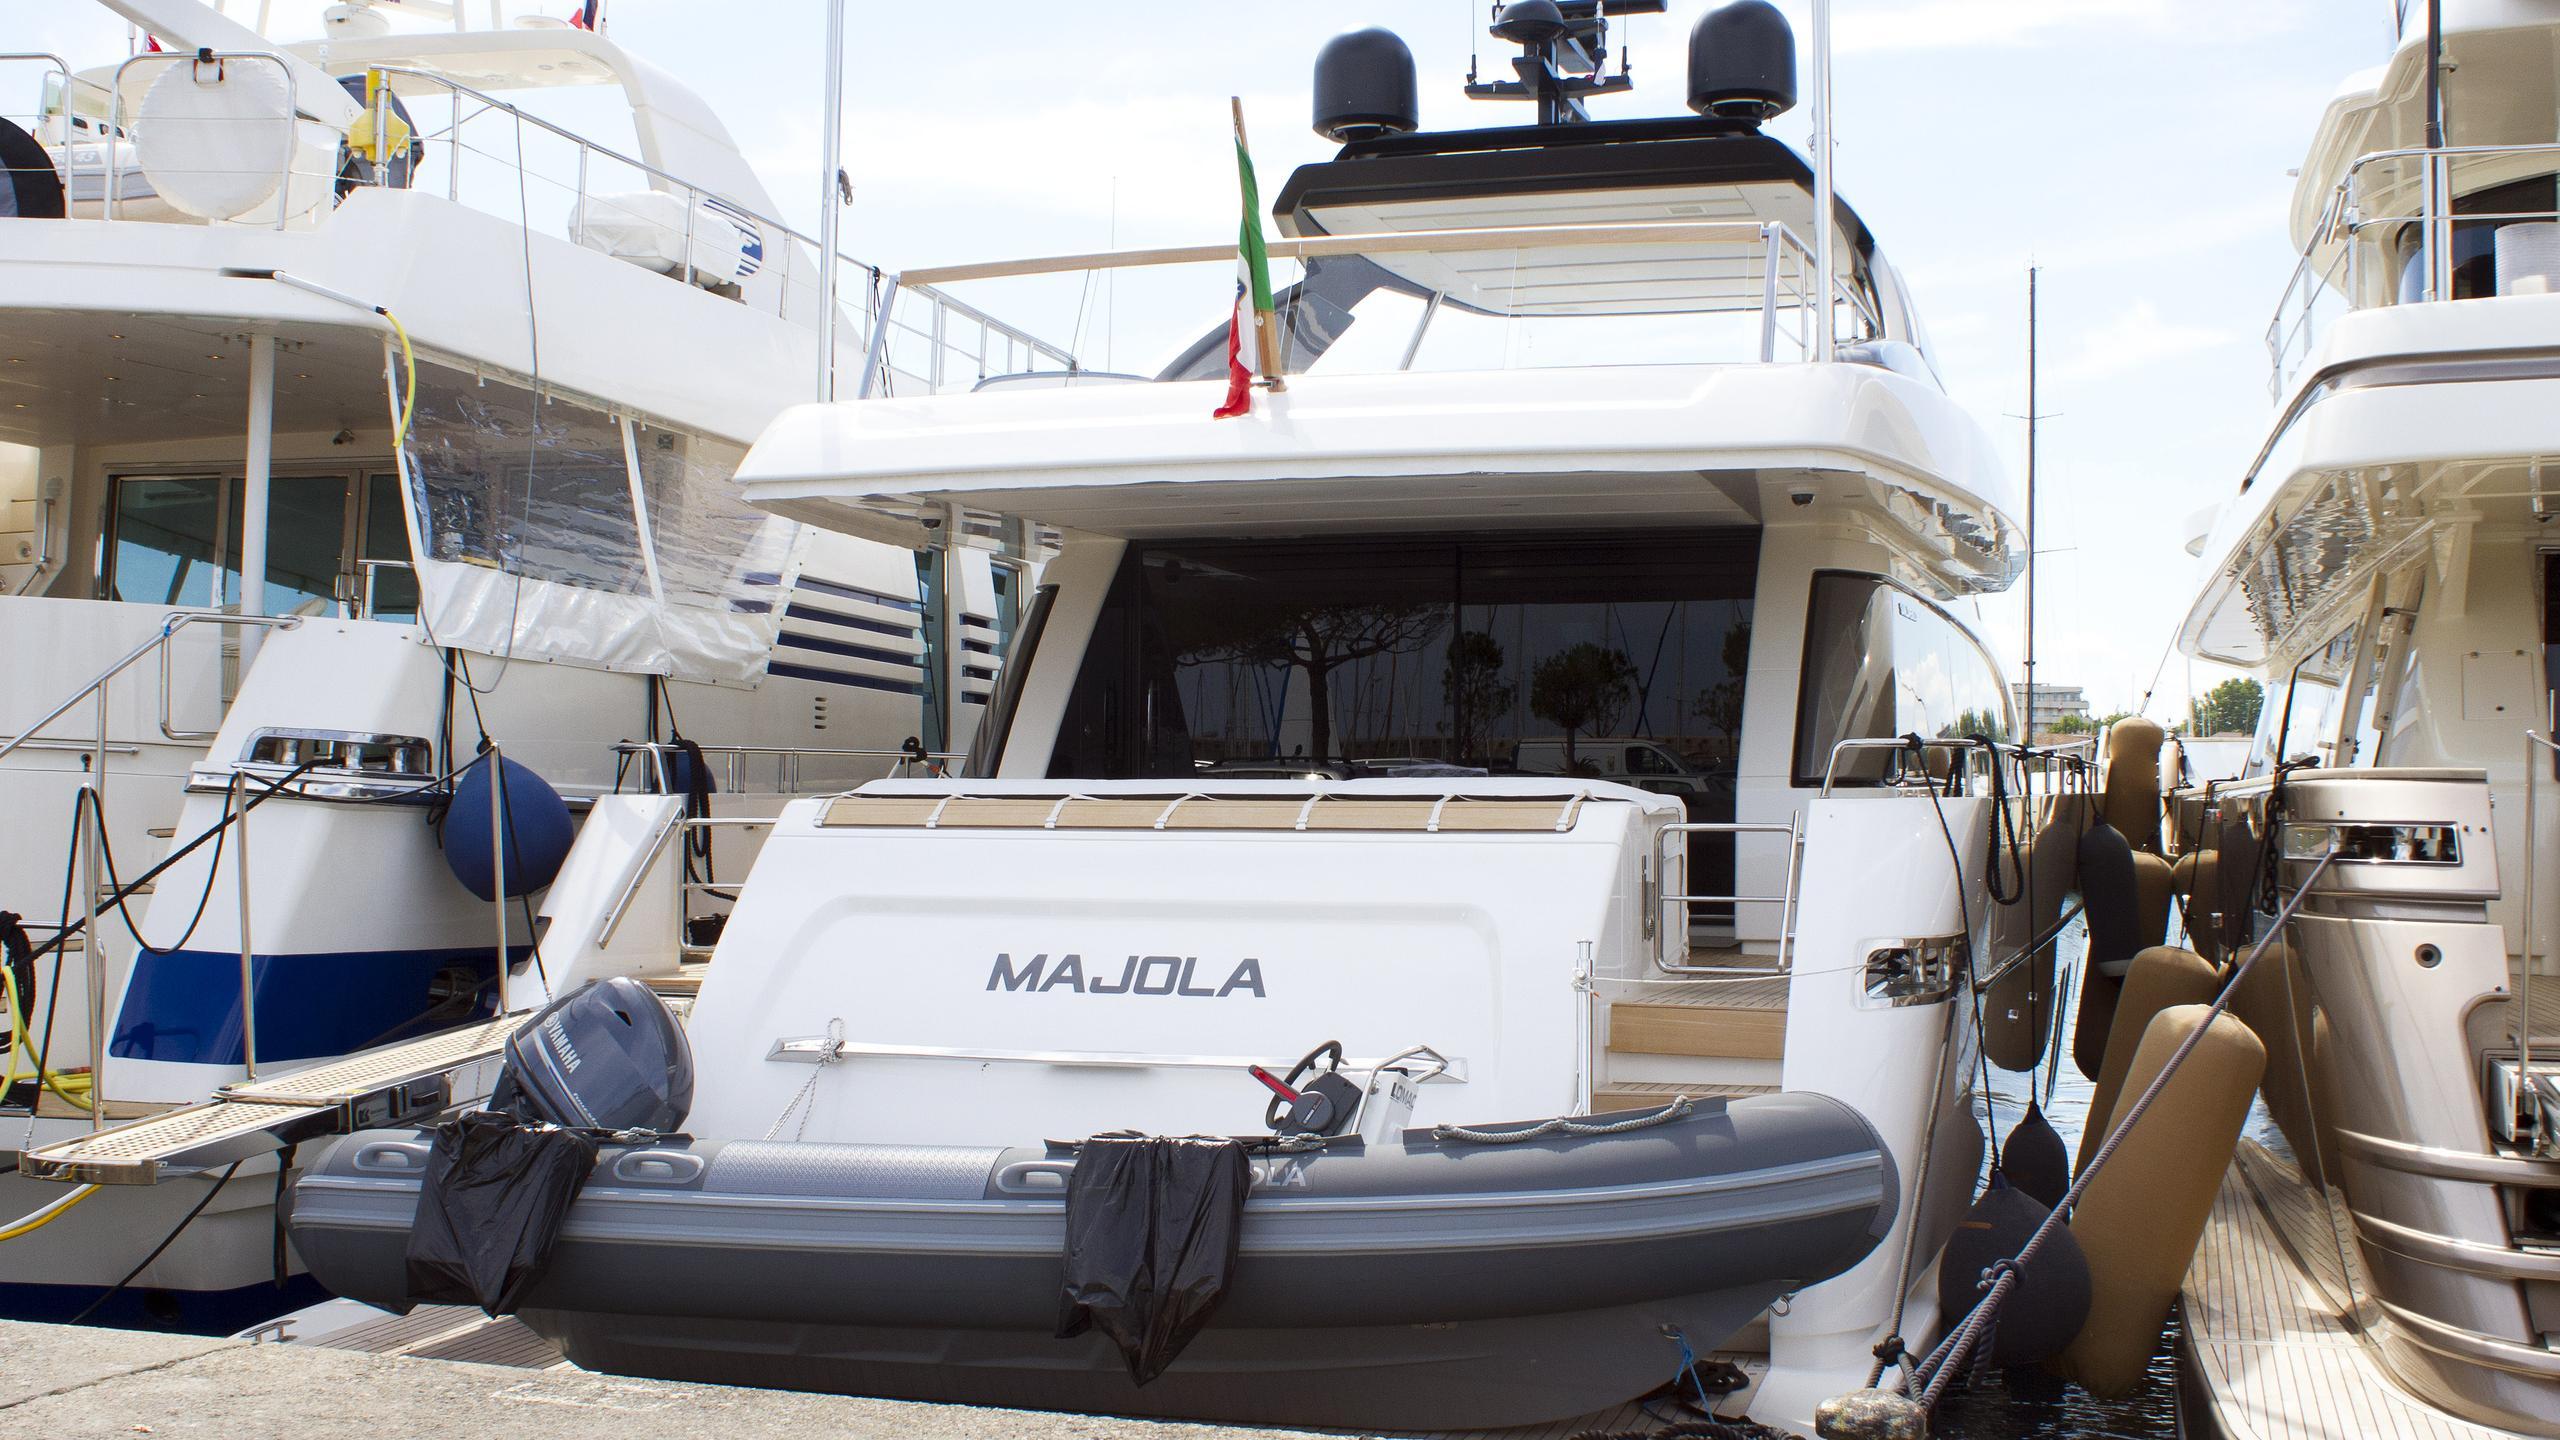 majola-motoryacht-sanlorenzo-sl-86-2016-27m-stern